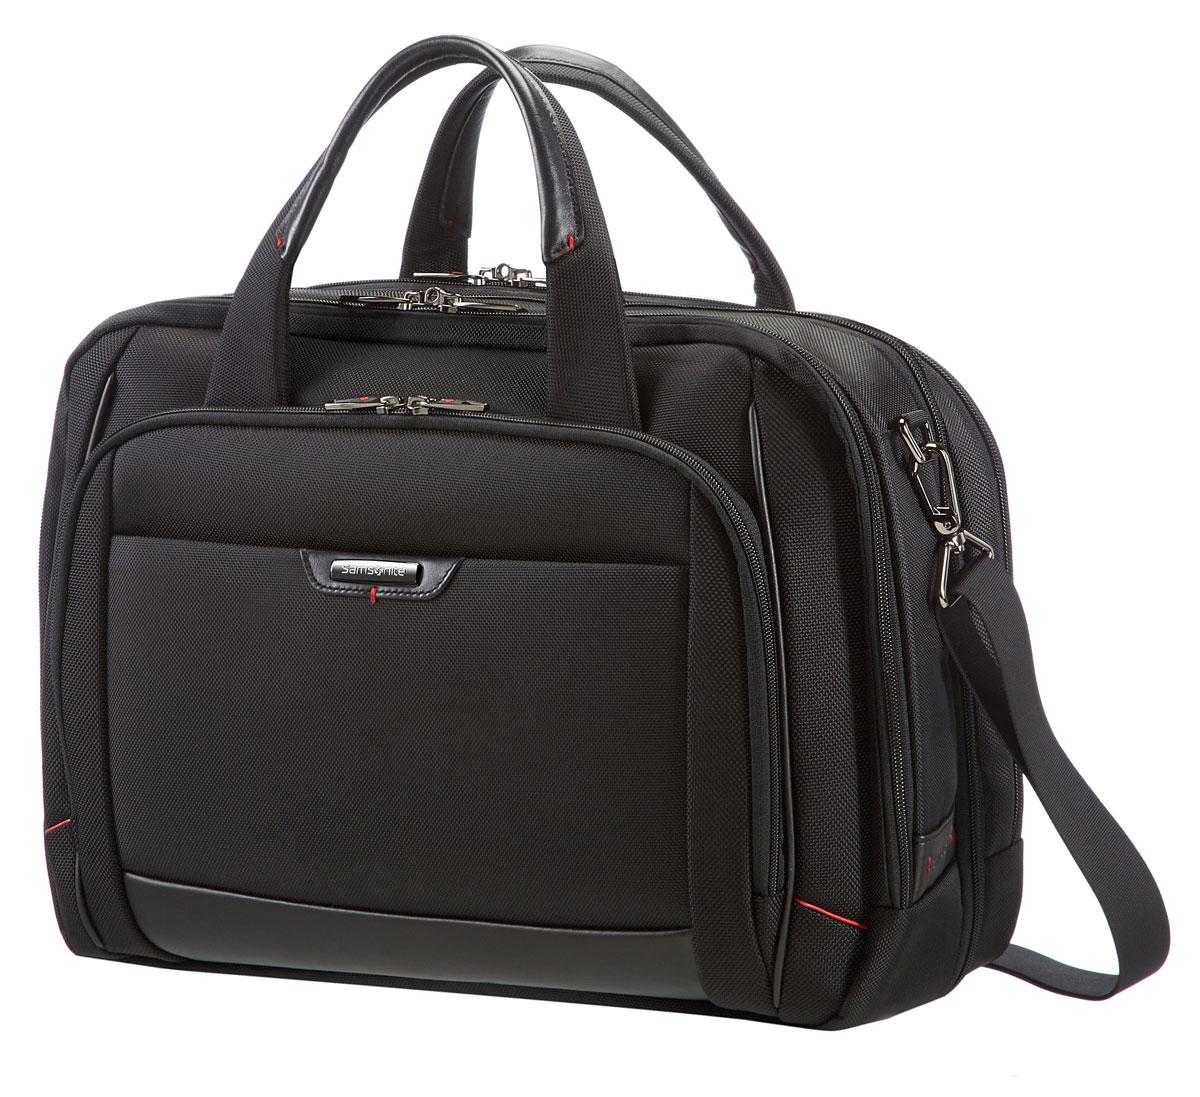 Сумка для ноутбука Samsonite GuardIt, цвет: черный, 44 х 34 х 20/24 см samsonite чемодан 4 х колесный pro dlx 5